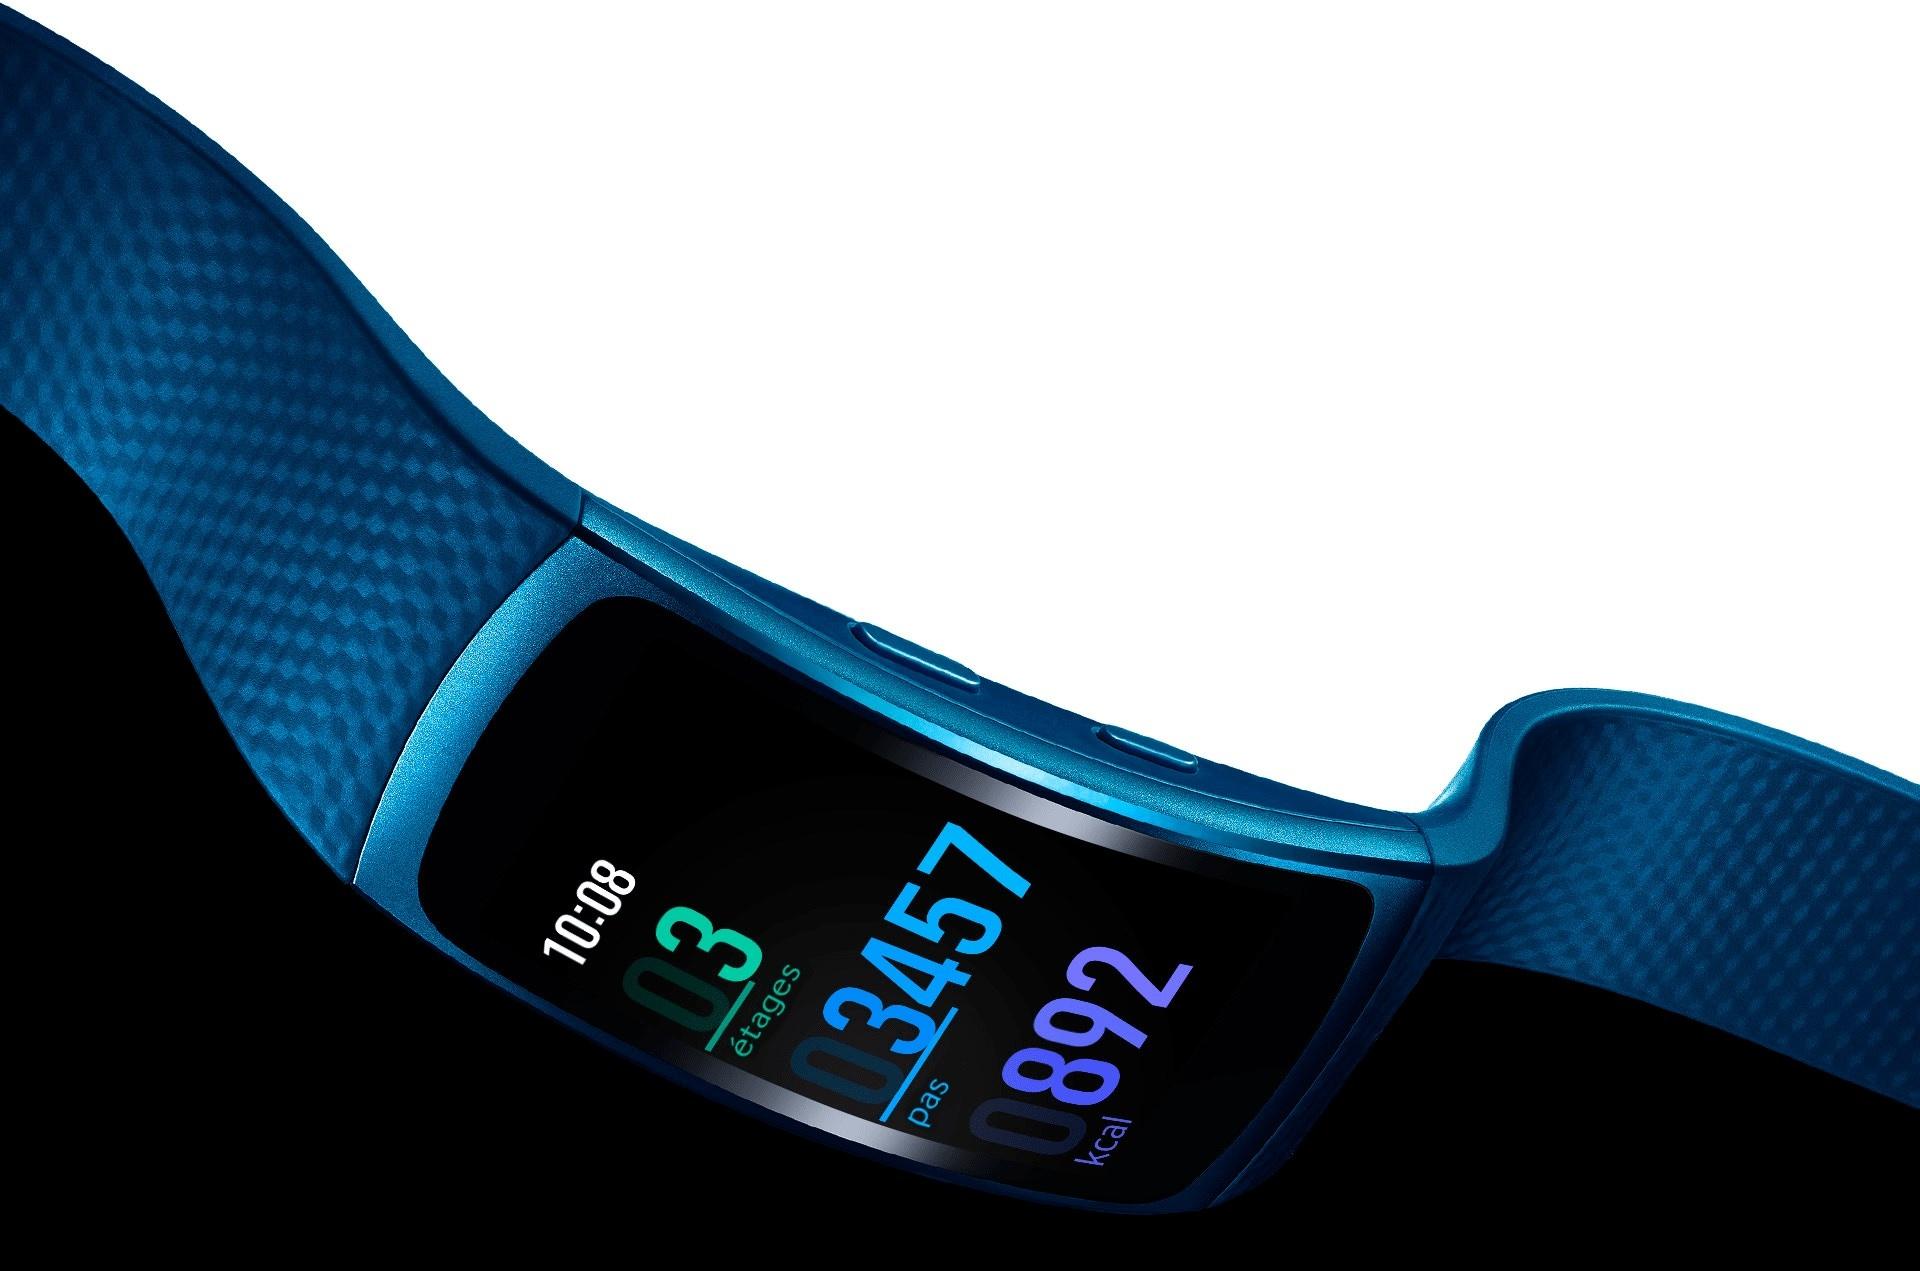 Gear Fit 2 en coloris bleu avec l'écran tourné vers le bas, montrant comme le bracelet et léger et souple